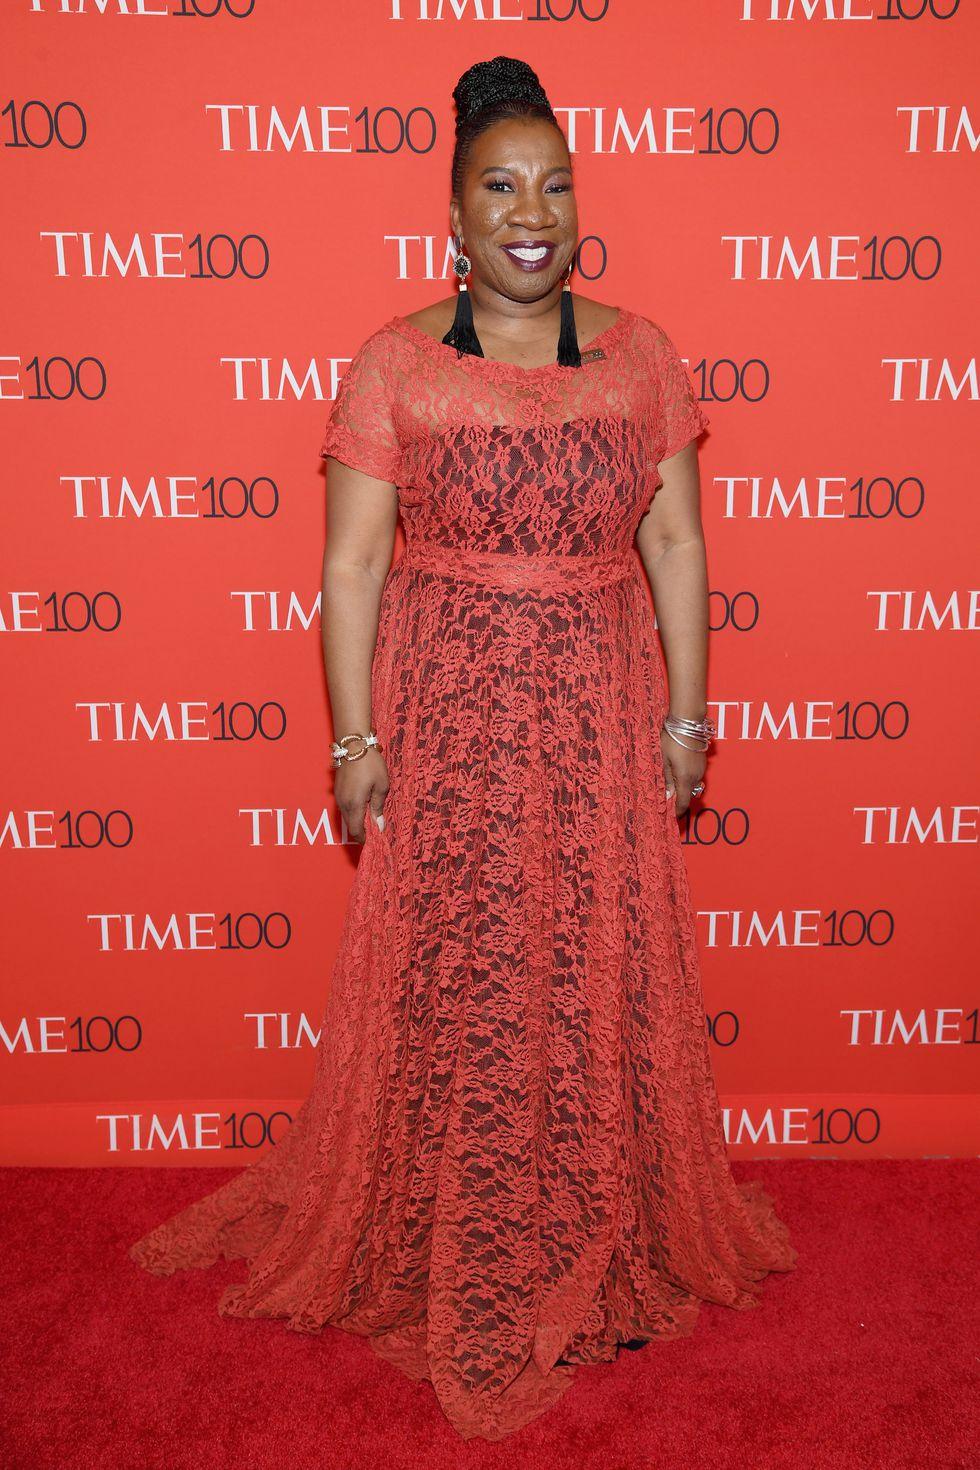 TIME 100 GALA 2018 RED CARPET TARANA BURKE.jpg